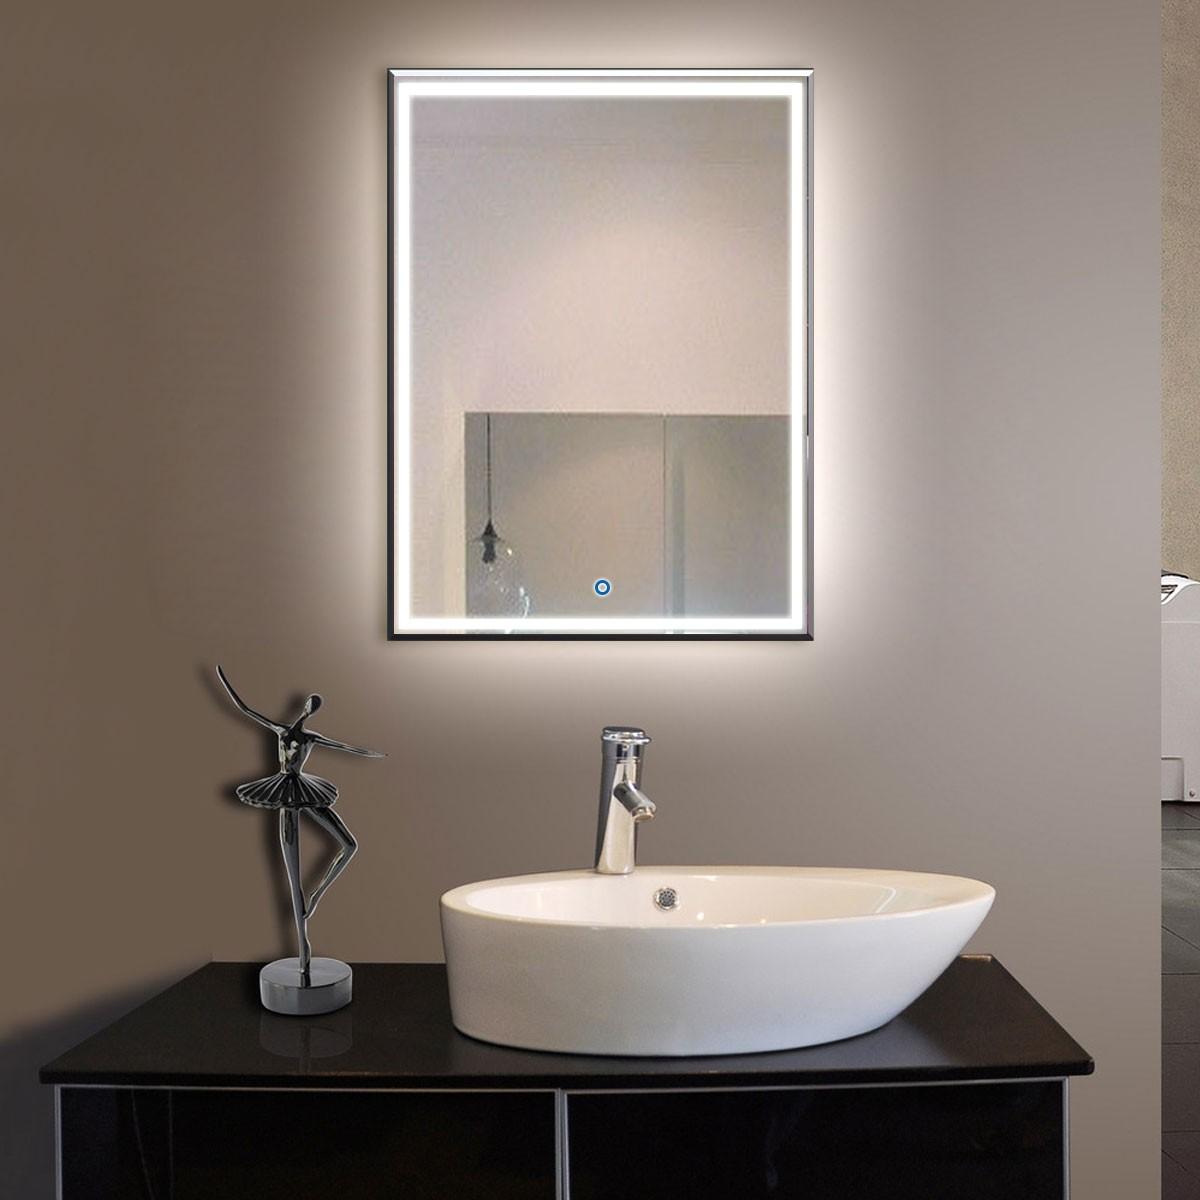 28 x 36 po miroir de salle de bain LED vertical avec bouton tactile (DK-OD-C226)